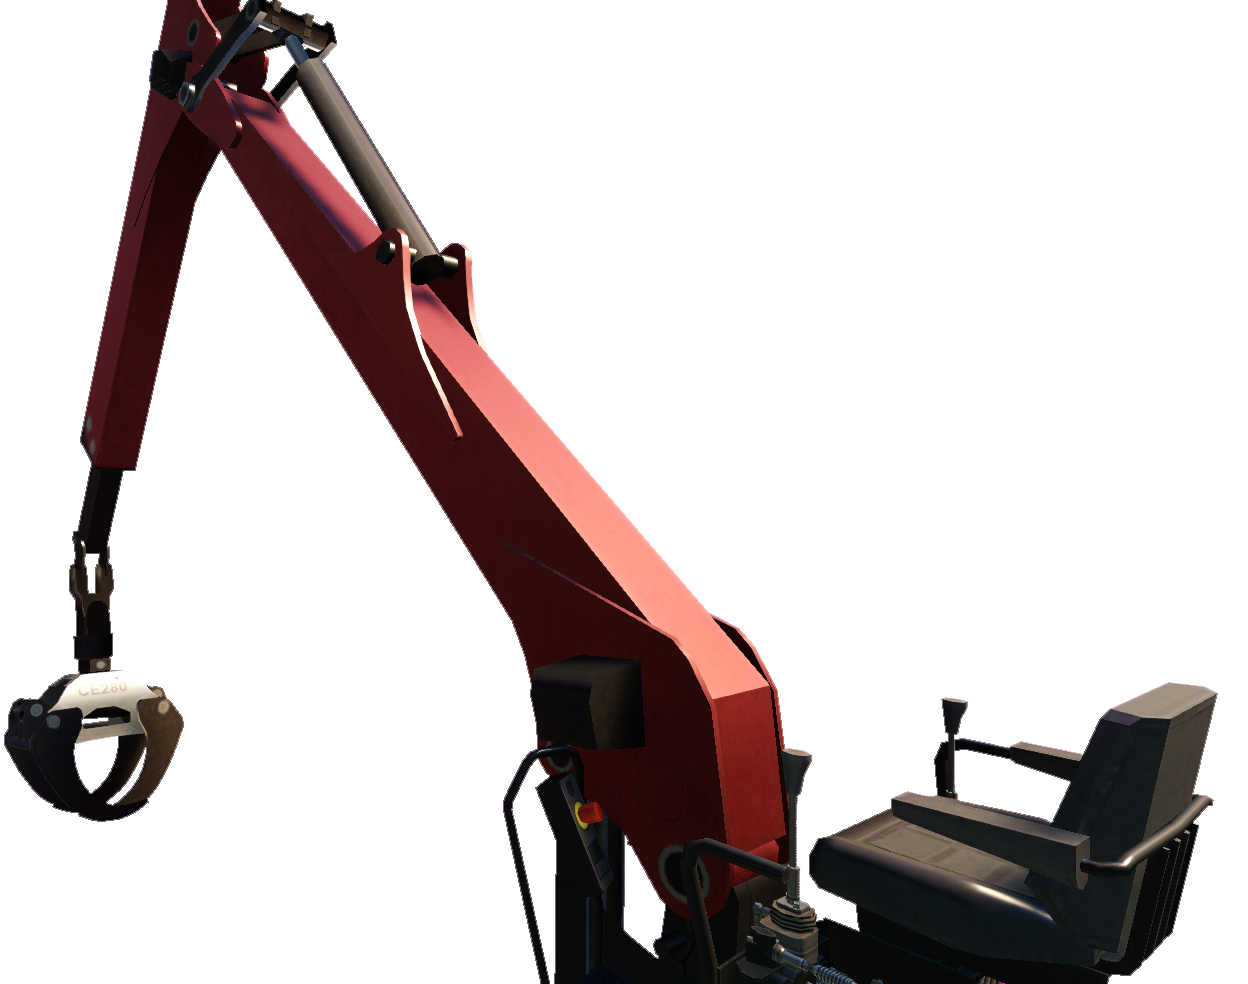 Grua carga de madera en aplicacion VR de prevención PsicoVR